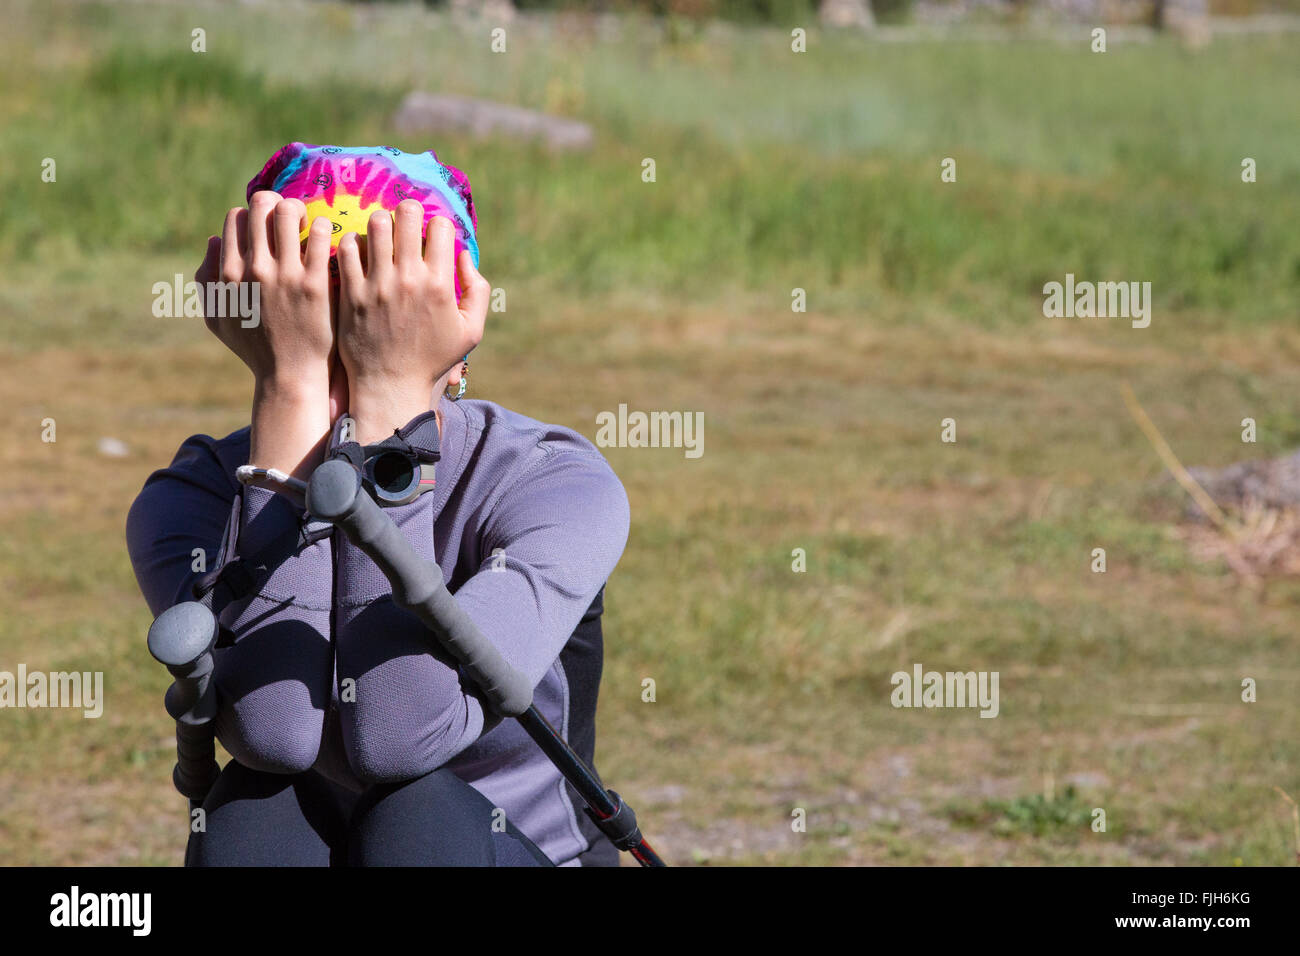 Sconvolto escursionista femmina Immagini Stock